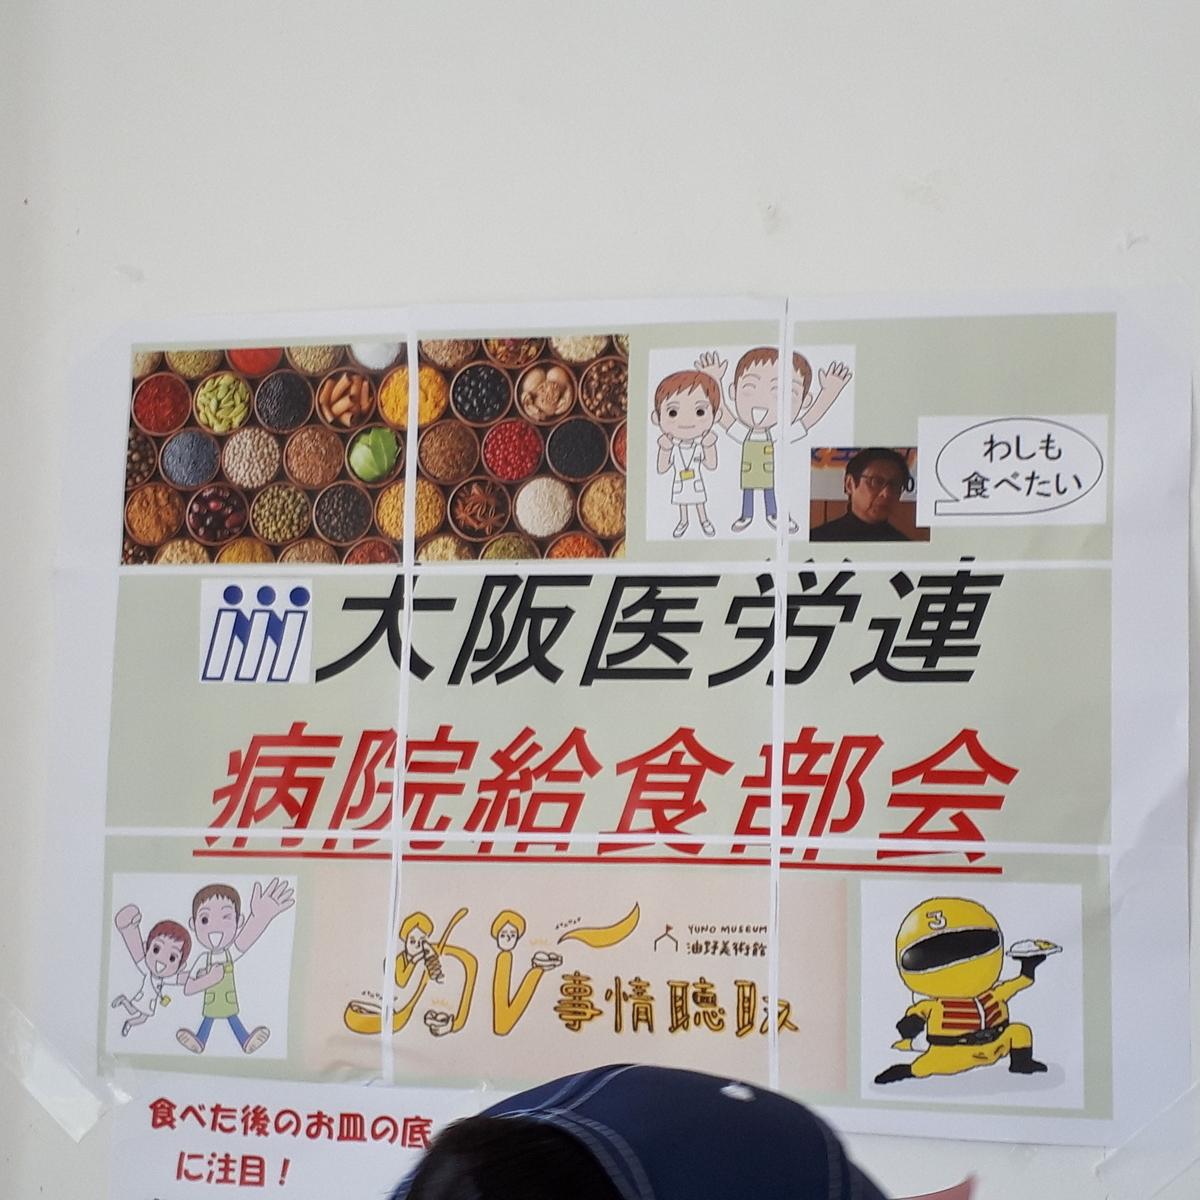 大阪医労連 病院給食部会